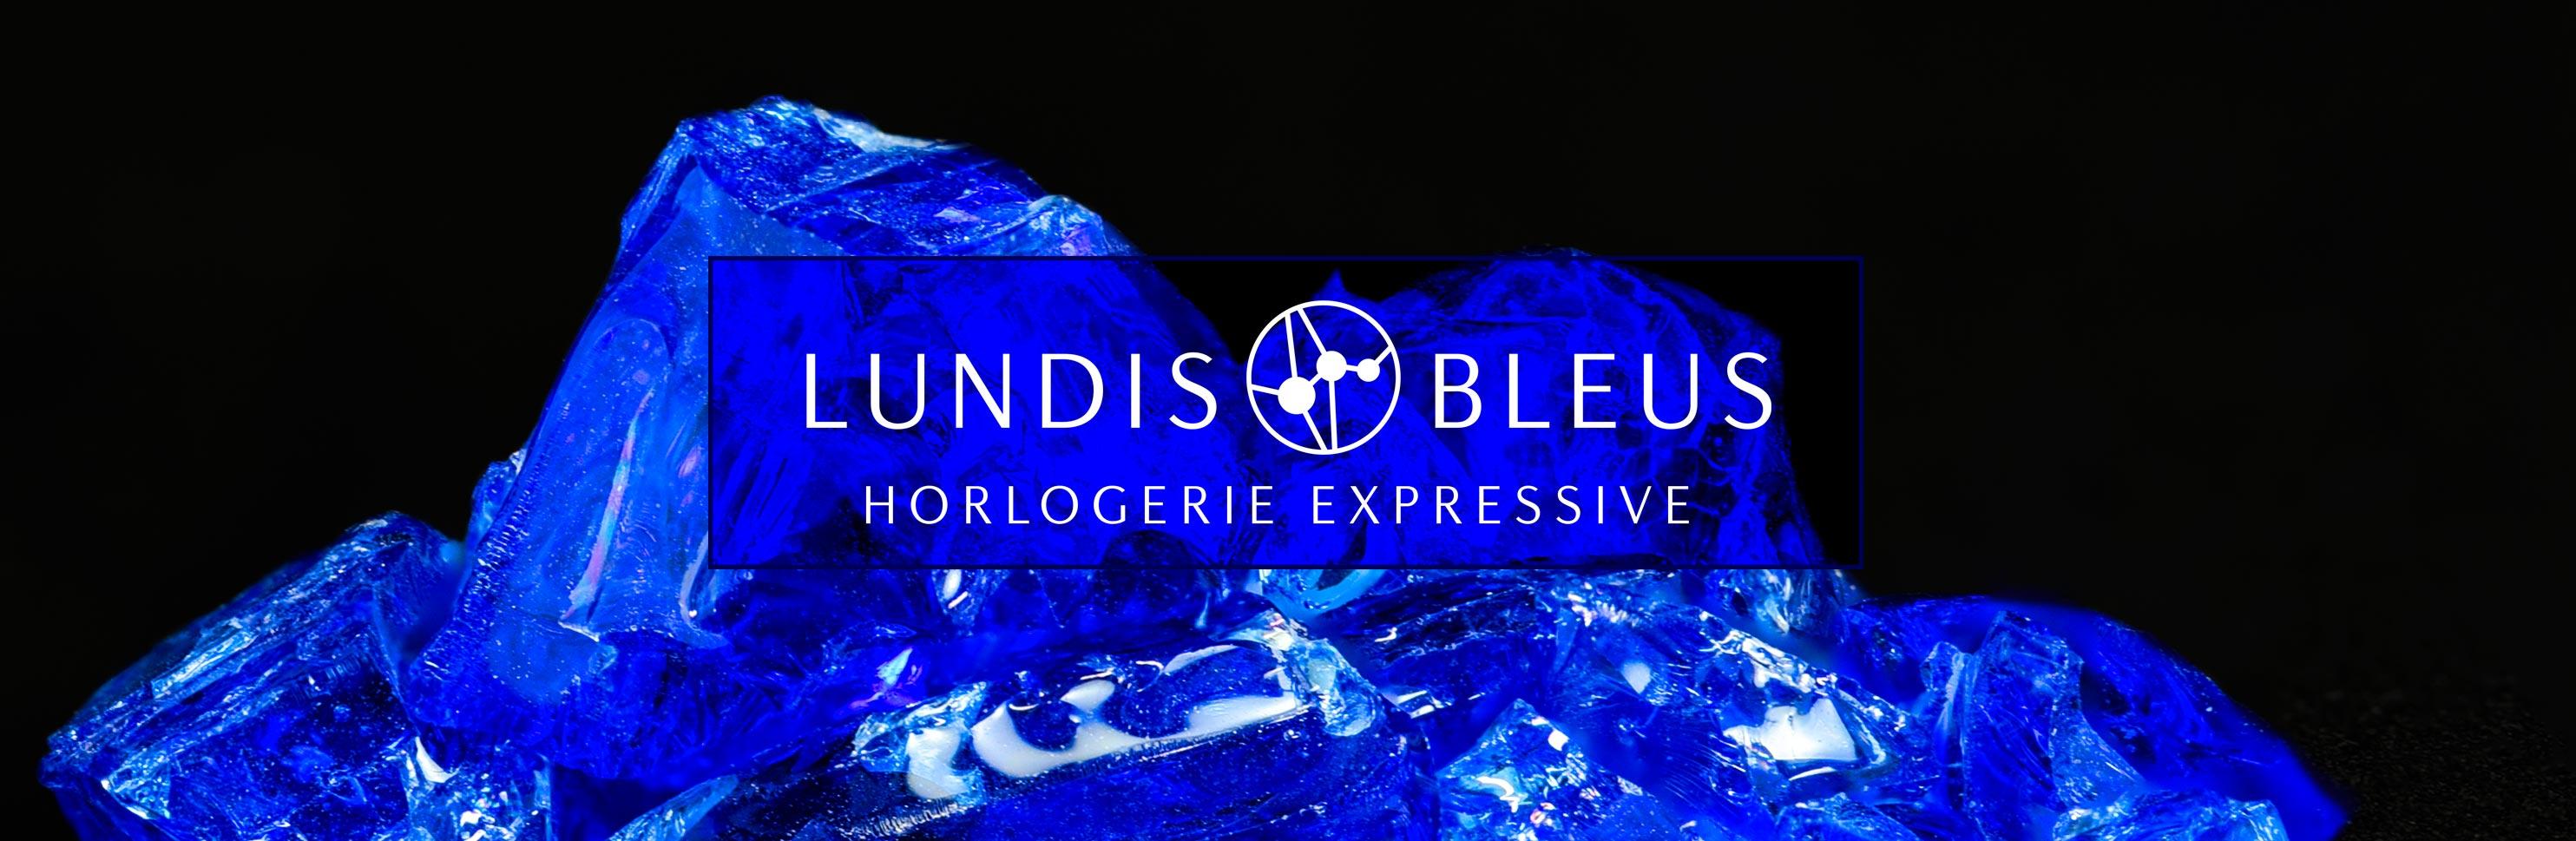 Lundis Bleus - Nous découvrir